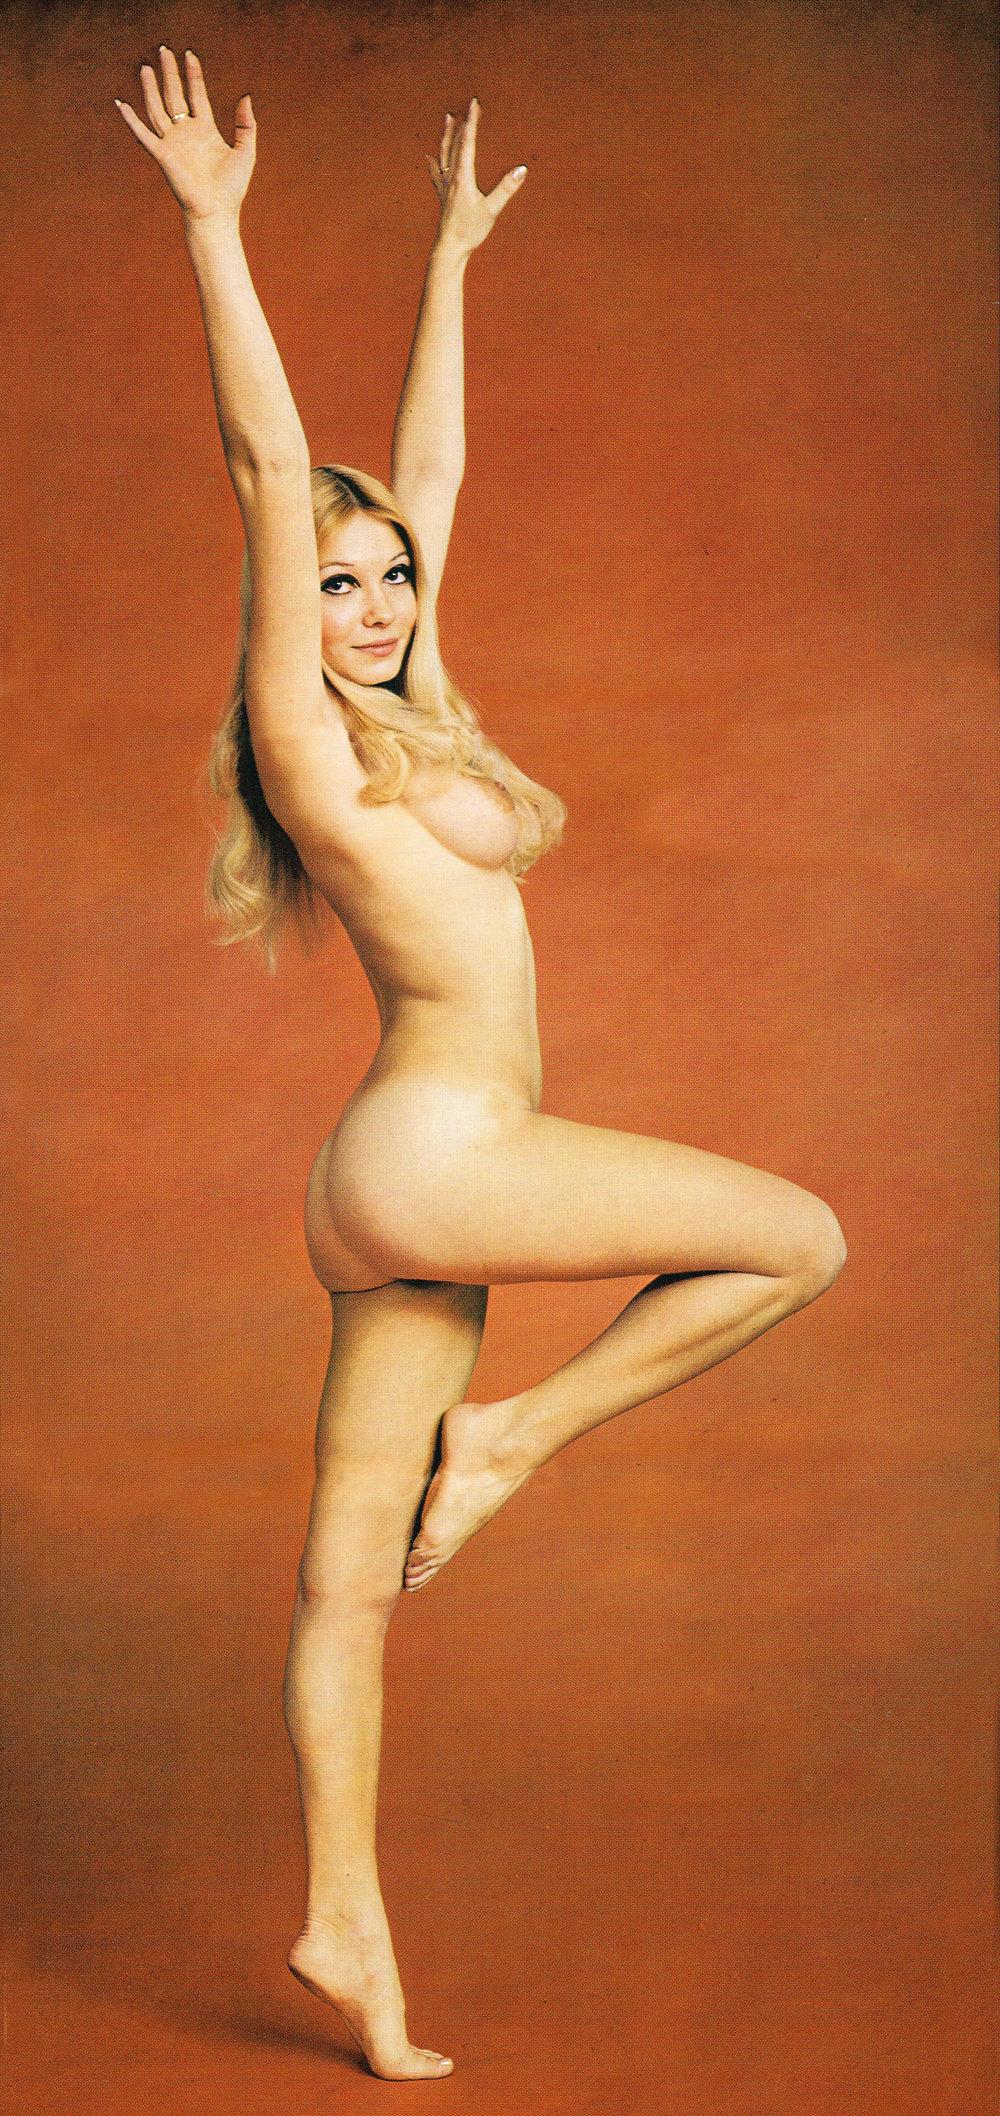 Dorit-Henke-daily-girl-magazine-1972